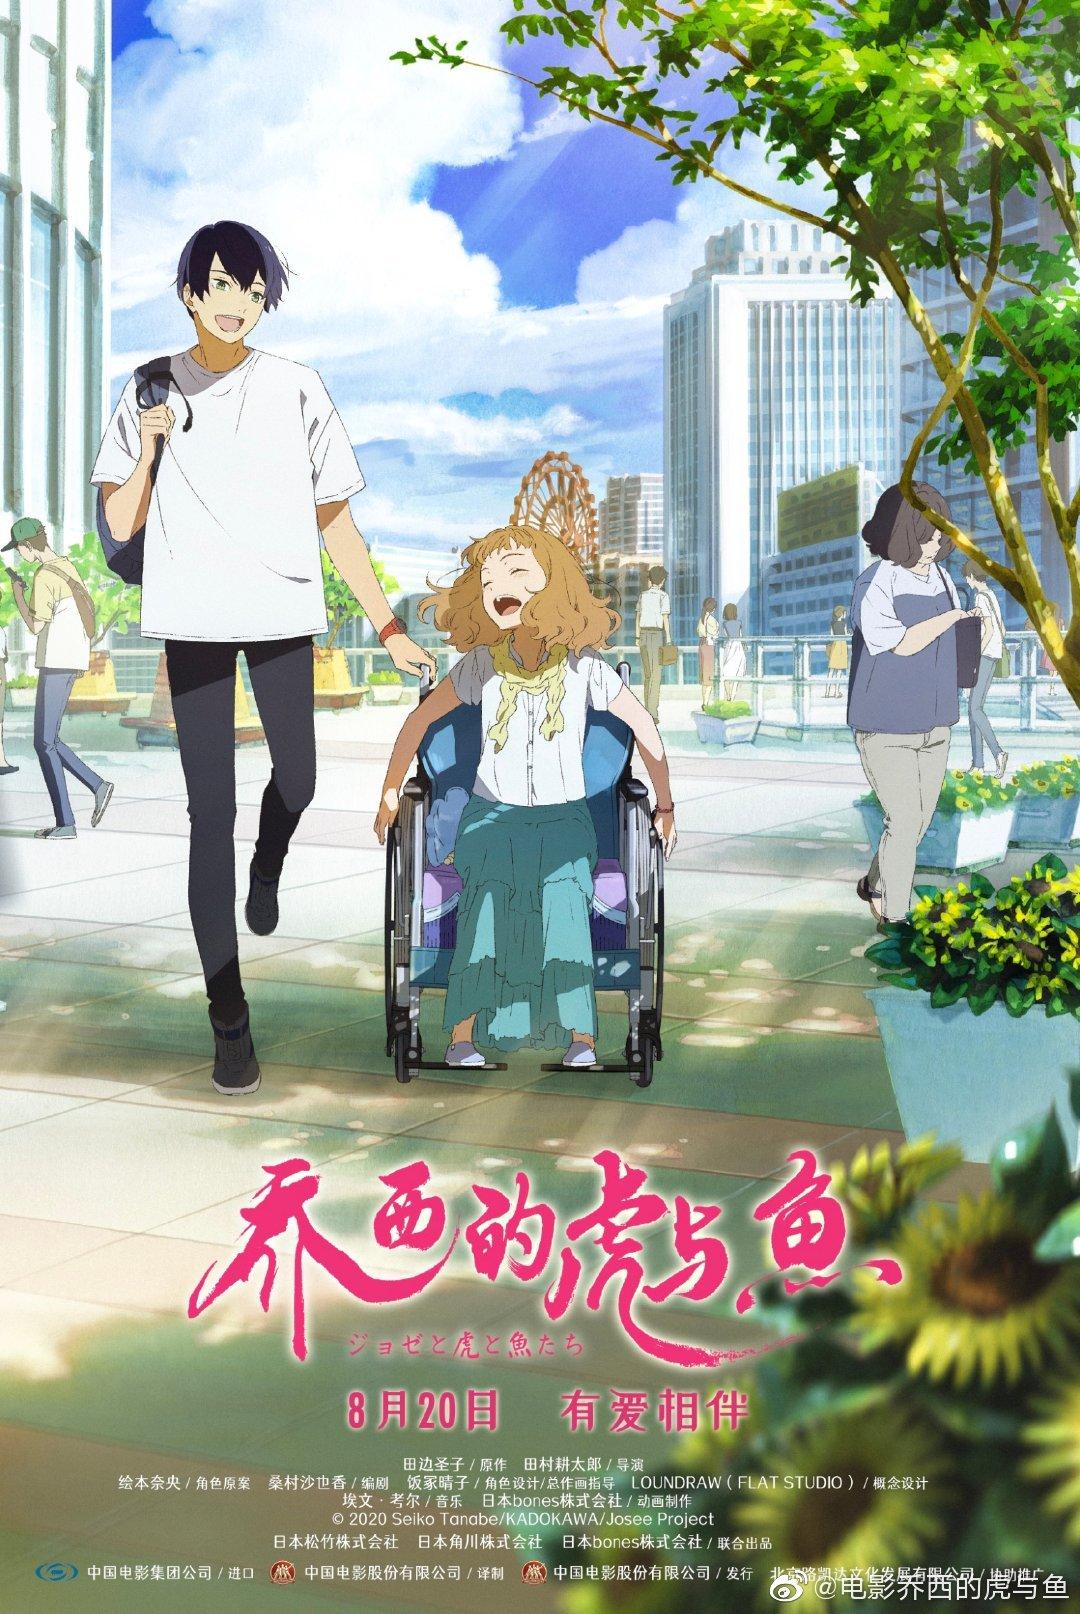 【动漫情报】骨头社纯爱动画电影《乔西的虎与鱼》中国内地正式定档2021年8月20日。